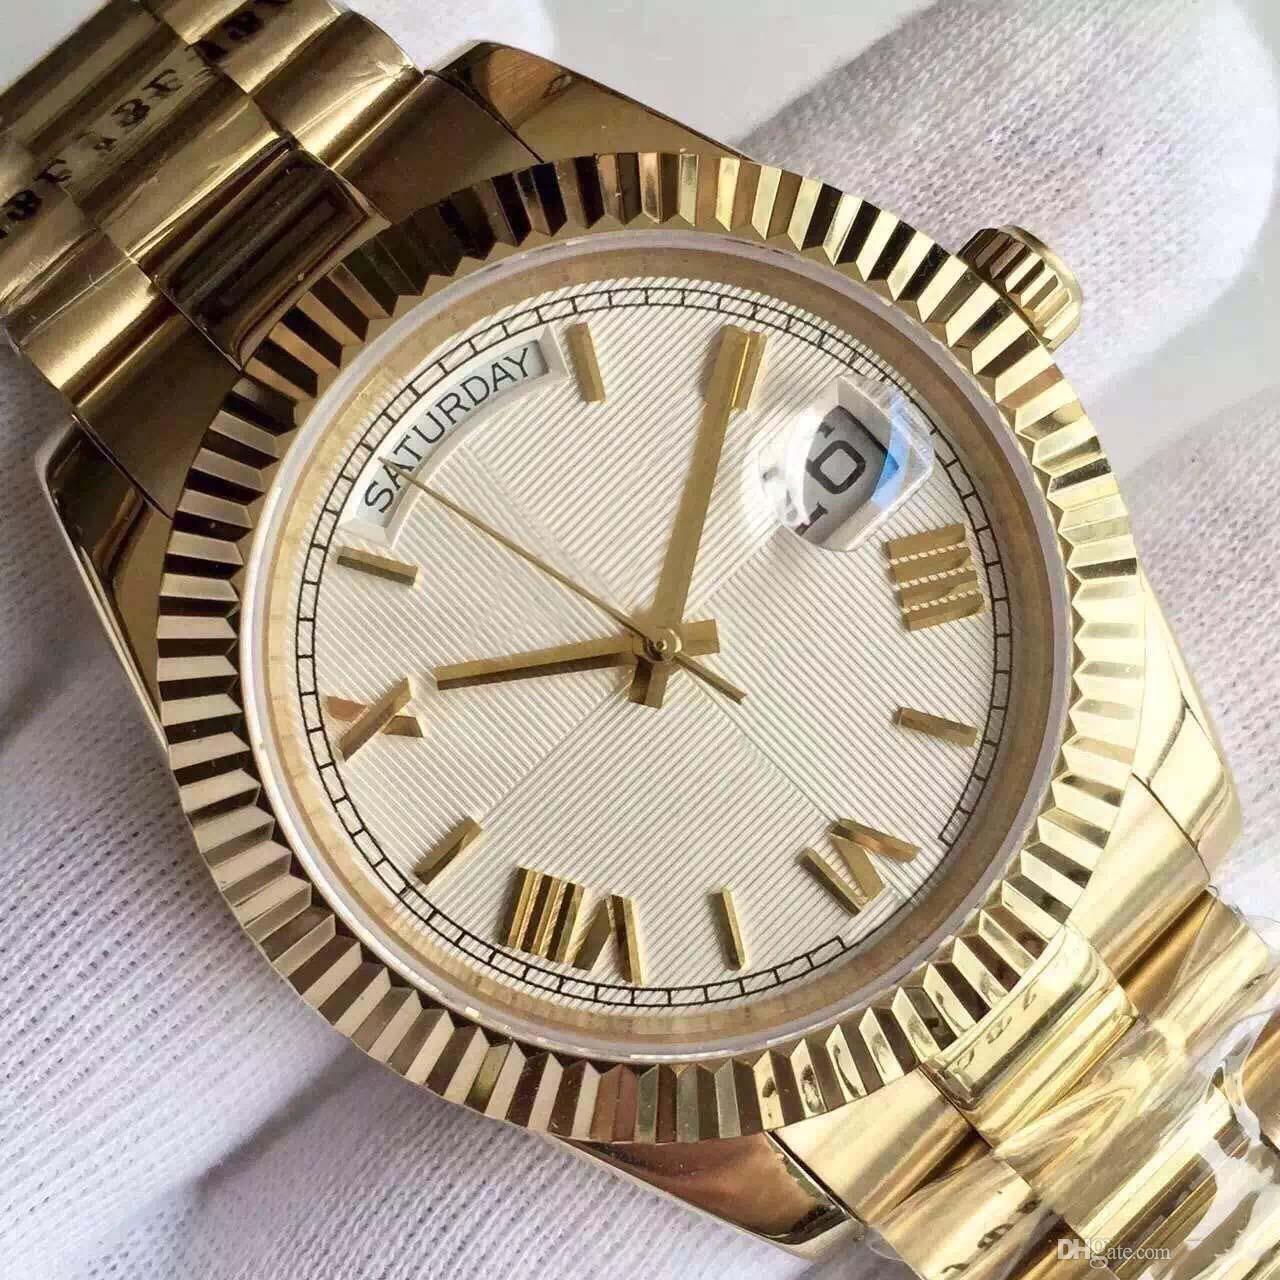 2019 new 18 ct gold DAYDATE 시계 남성 손목 시계 40mm 자동식 기계식 실버 다이얼 스테인레스 스틸 단단한 걸쇠 남자 시계 손목 시계